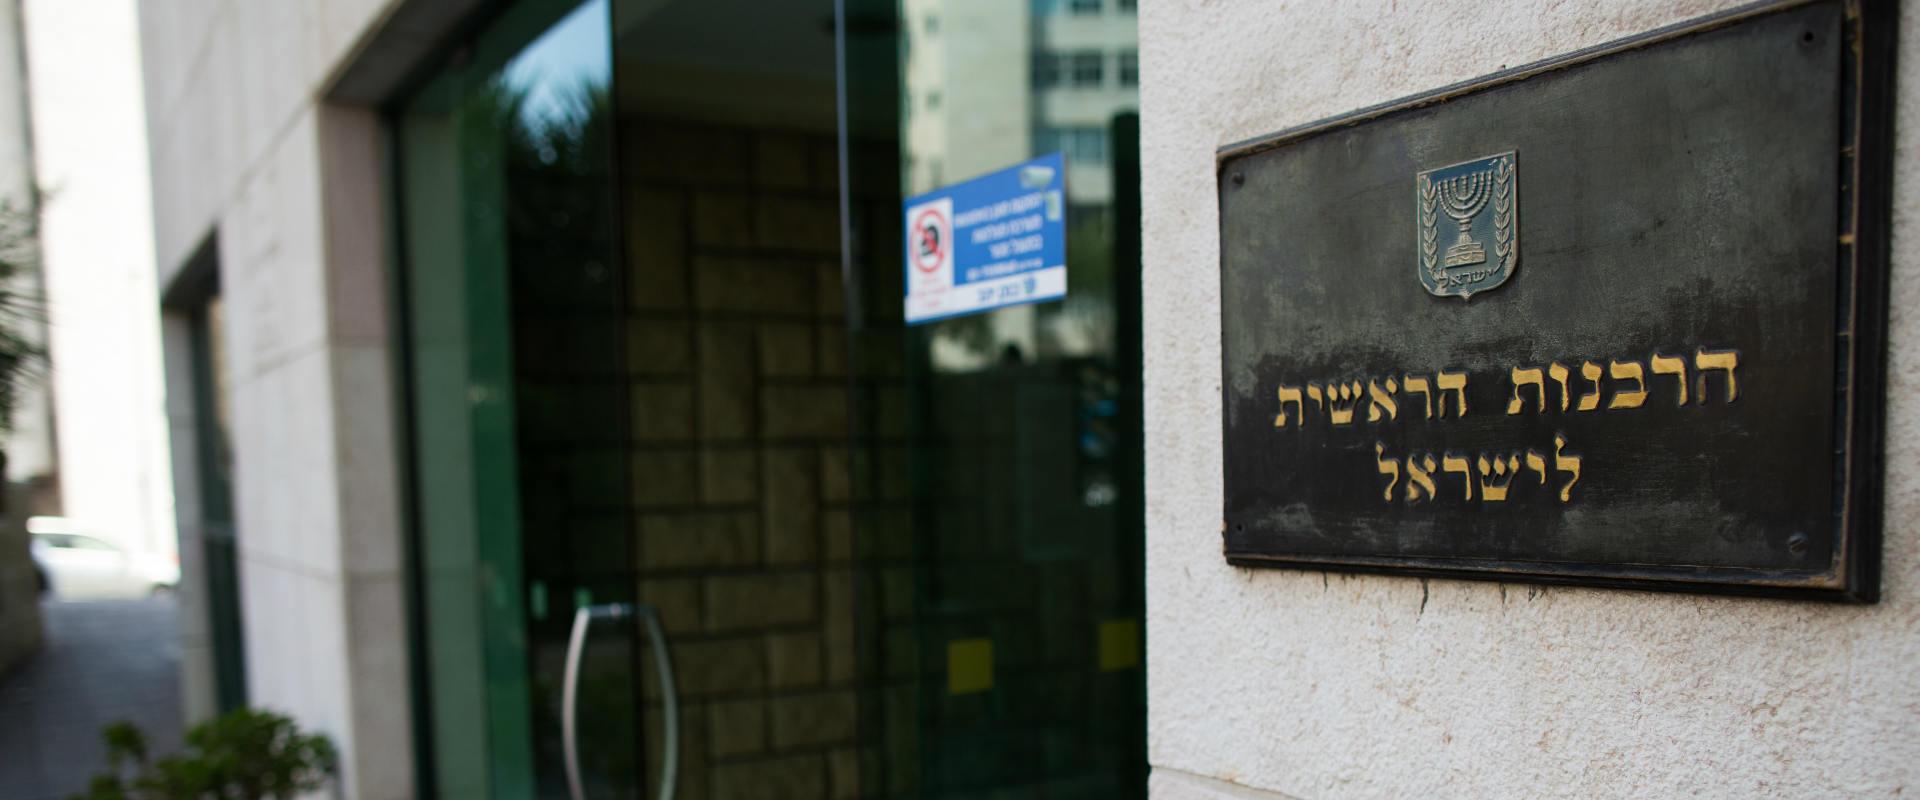 הרבנות הראשית בירושלים, ב-2013